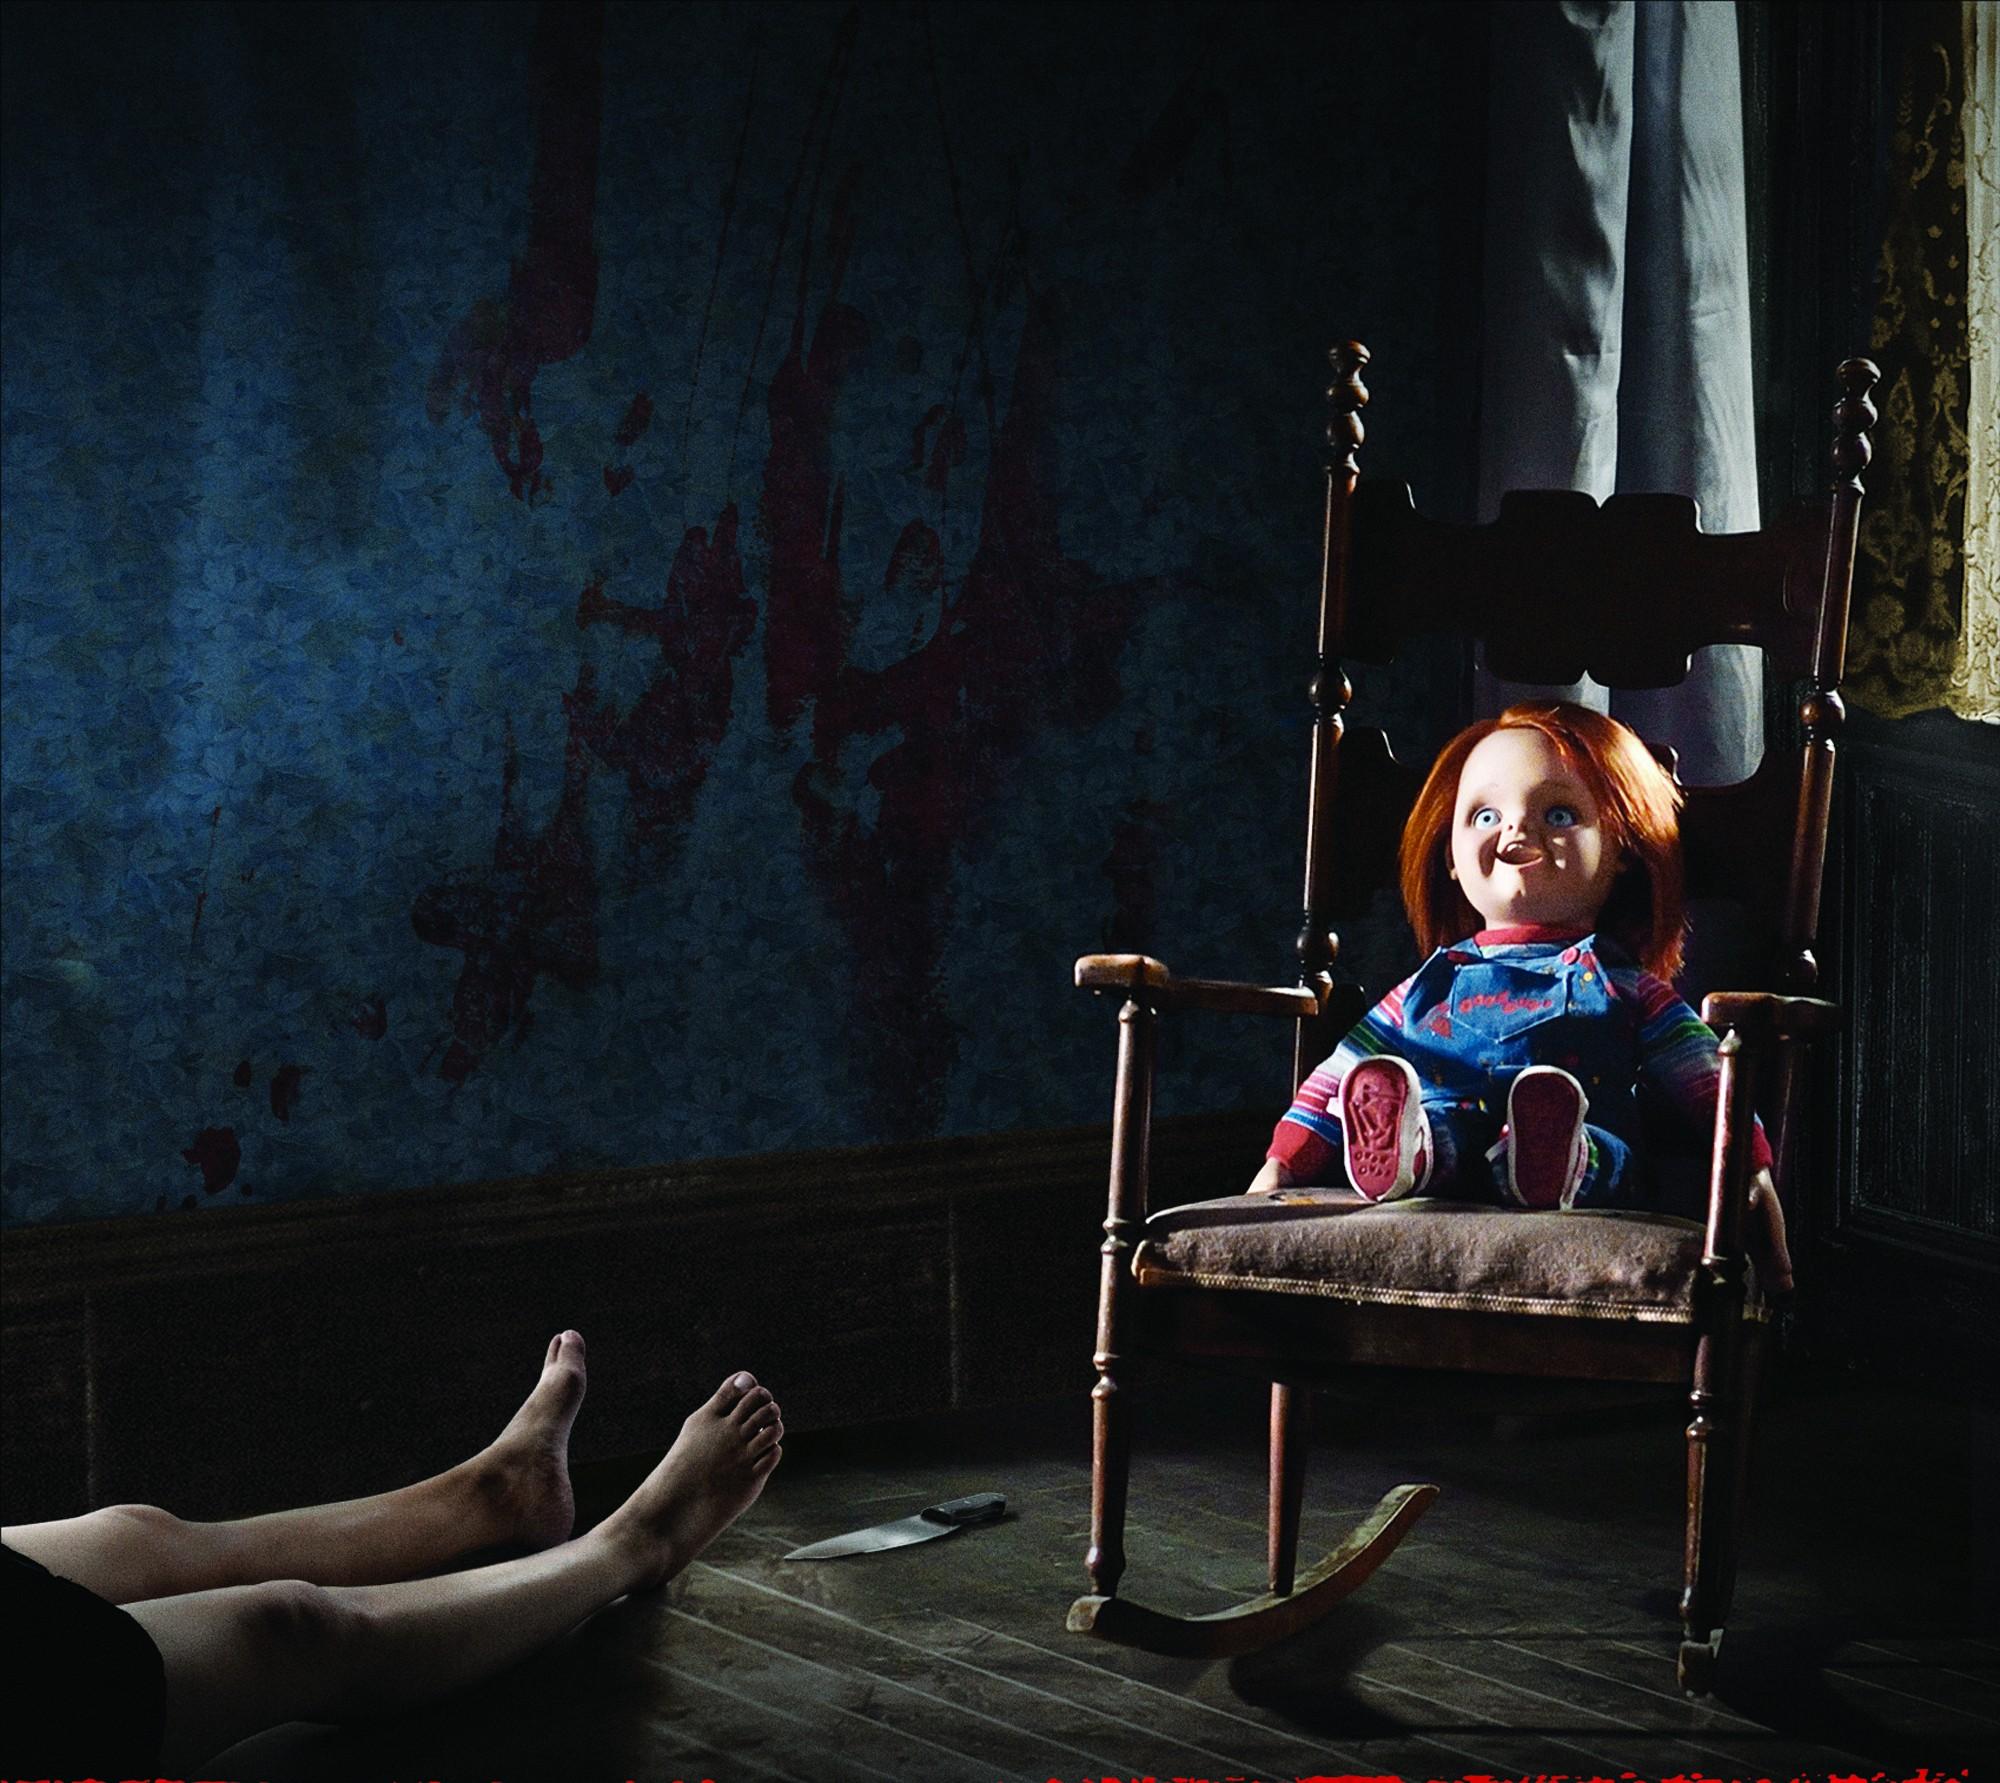 Curse of Chucky Pic 2